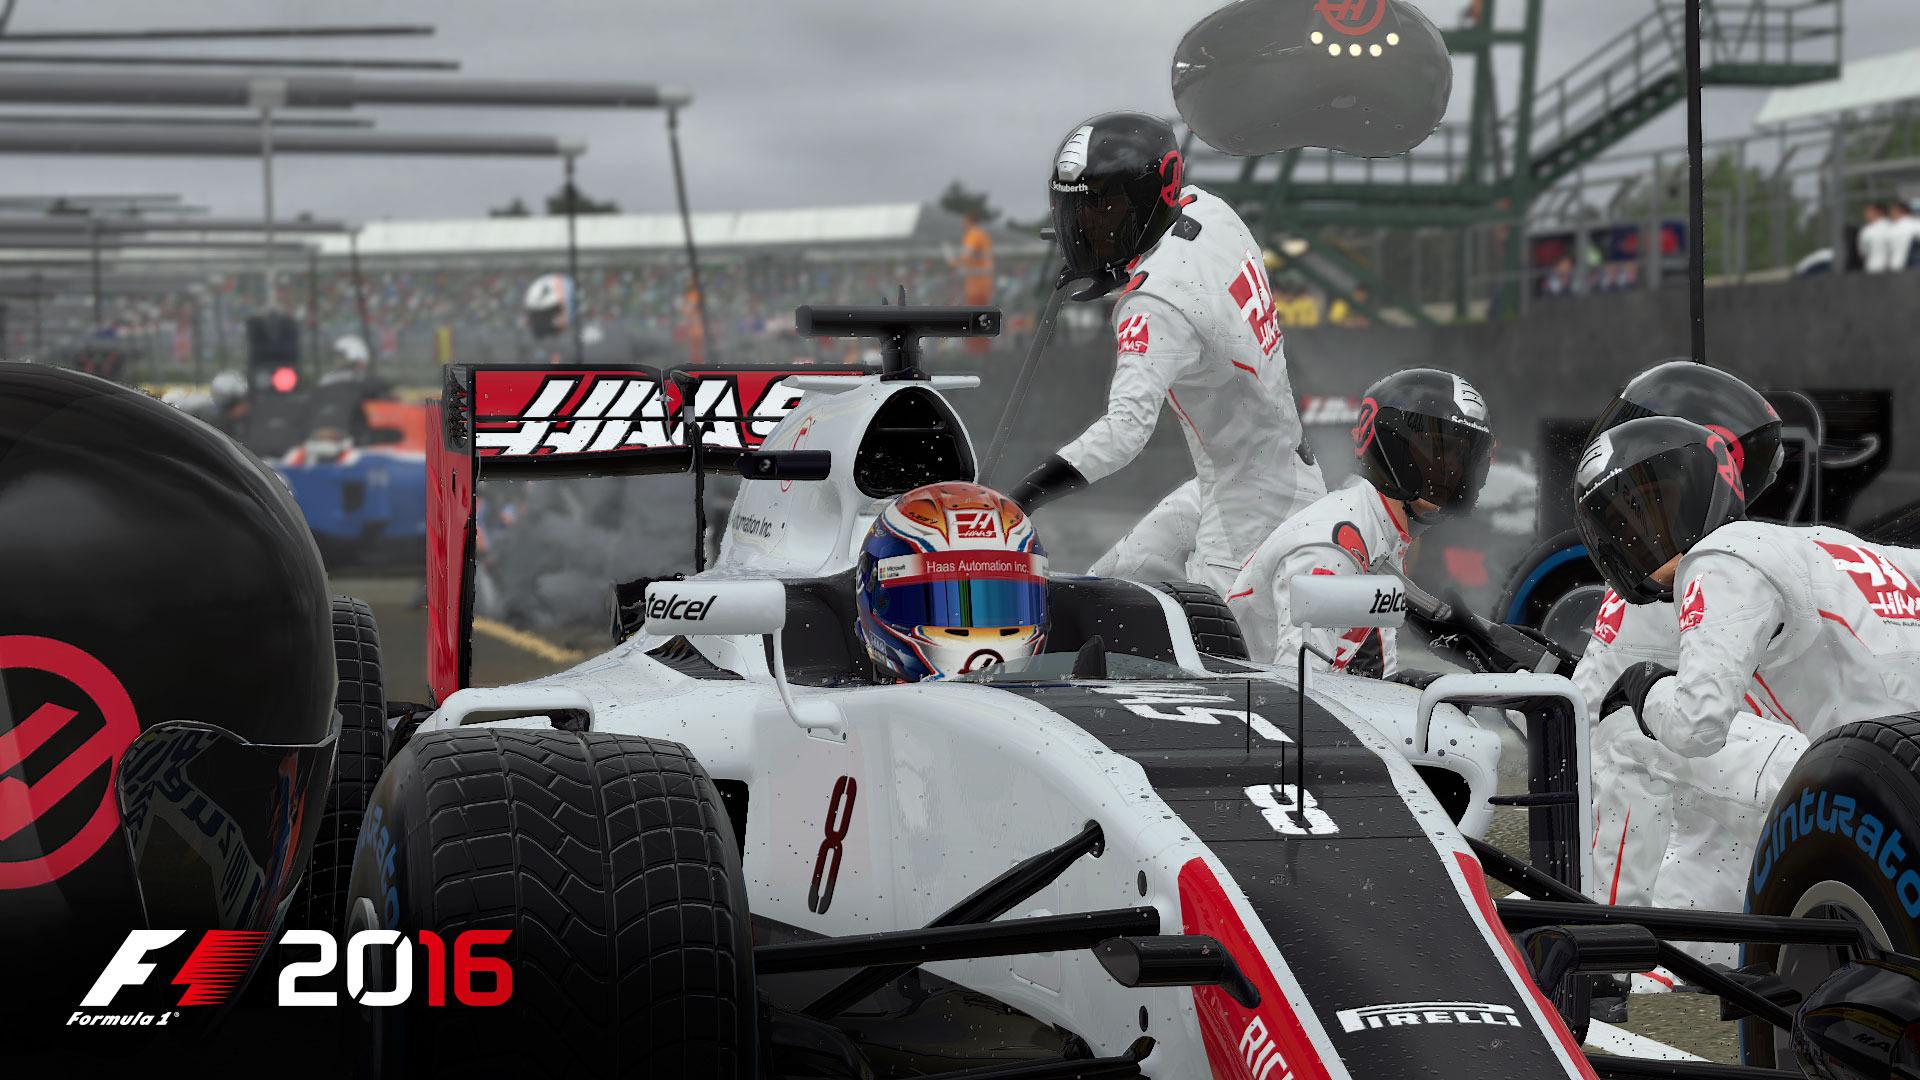 Minutový sestřih z F1 2016 127449